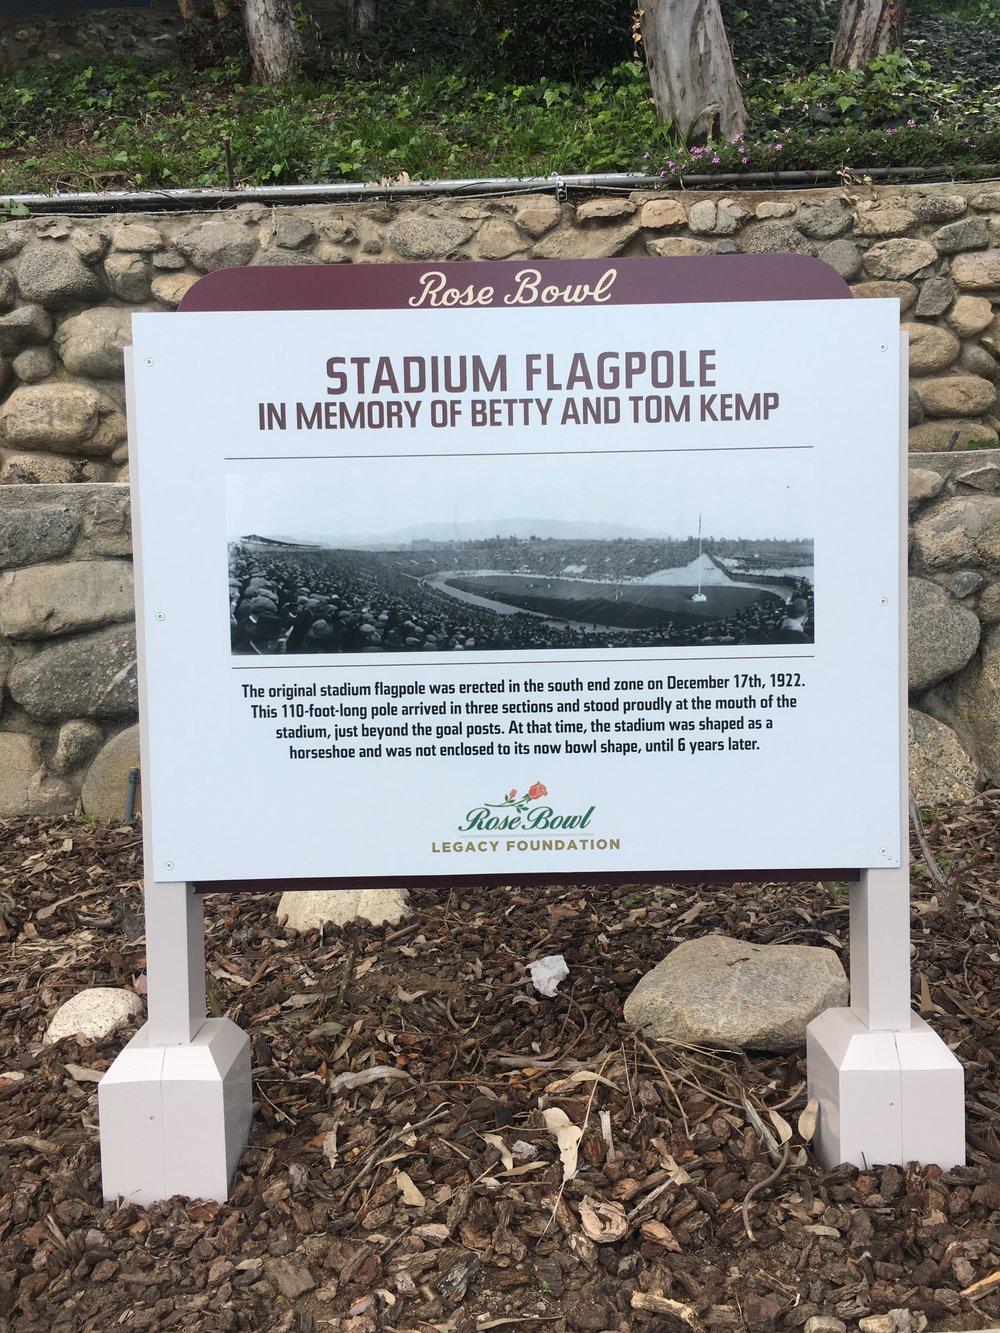 Flagpole: